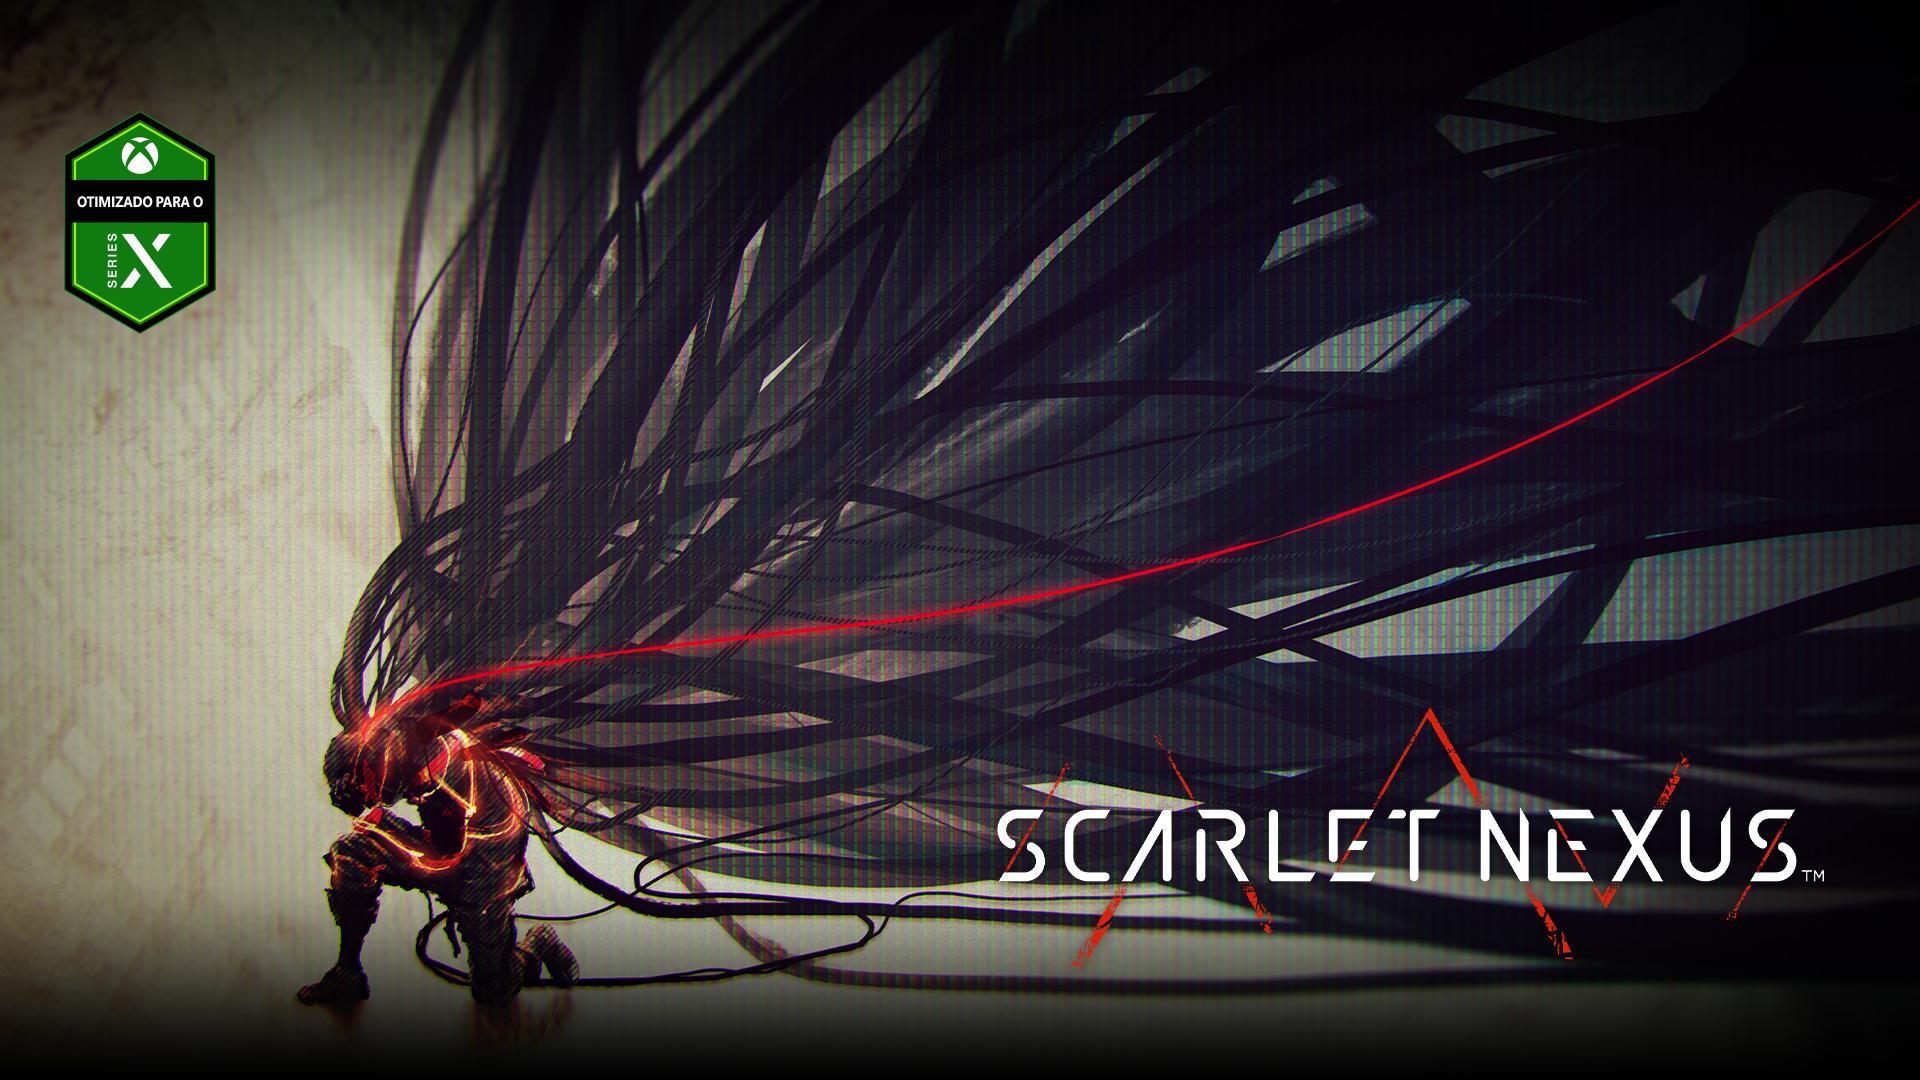 Scarlet Nexus, Otimizado para Xbox Series X, Um homem ajoelha-se com grandes fios que fluem de sua cabeça como cabelos